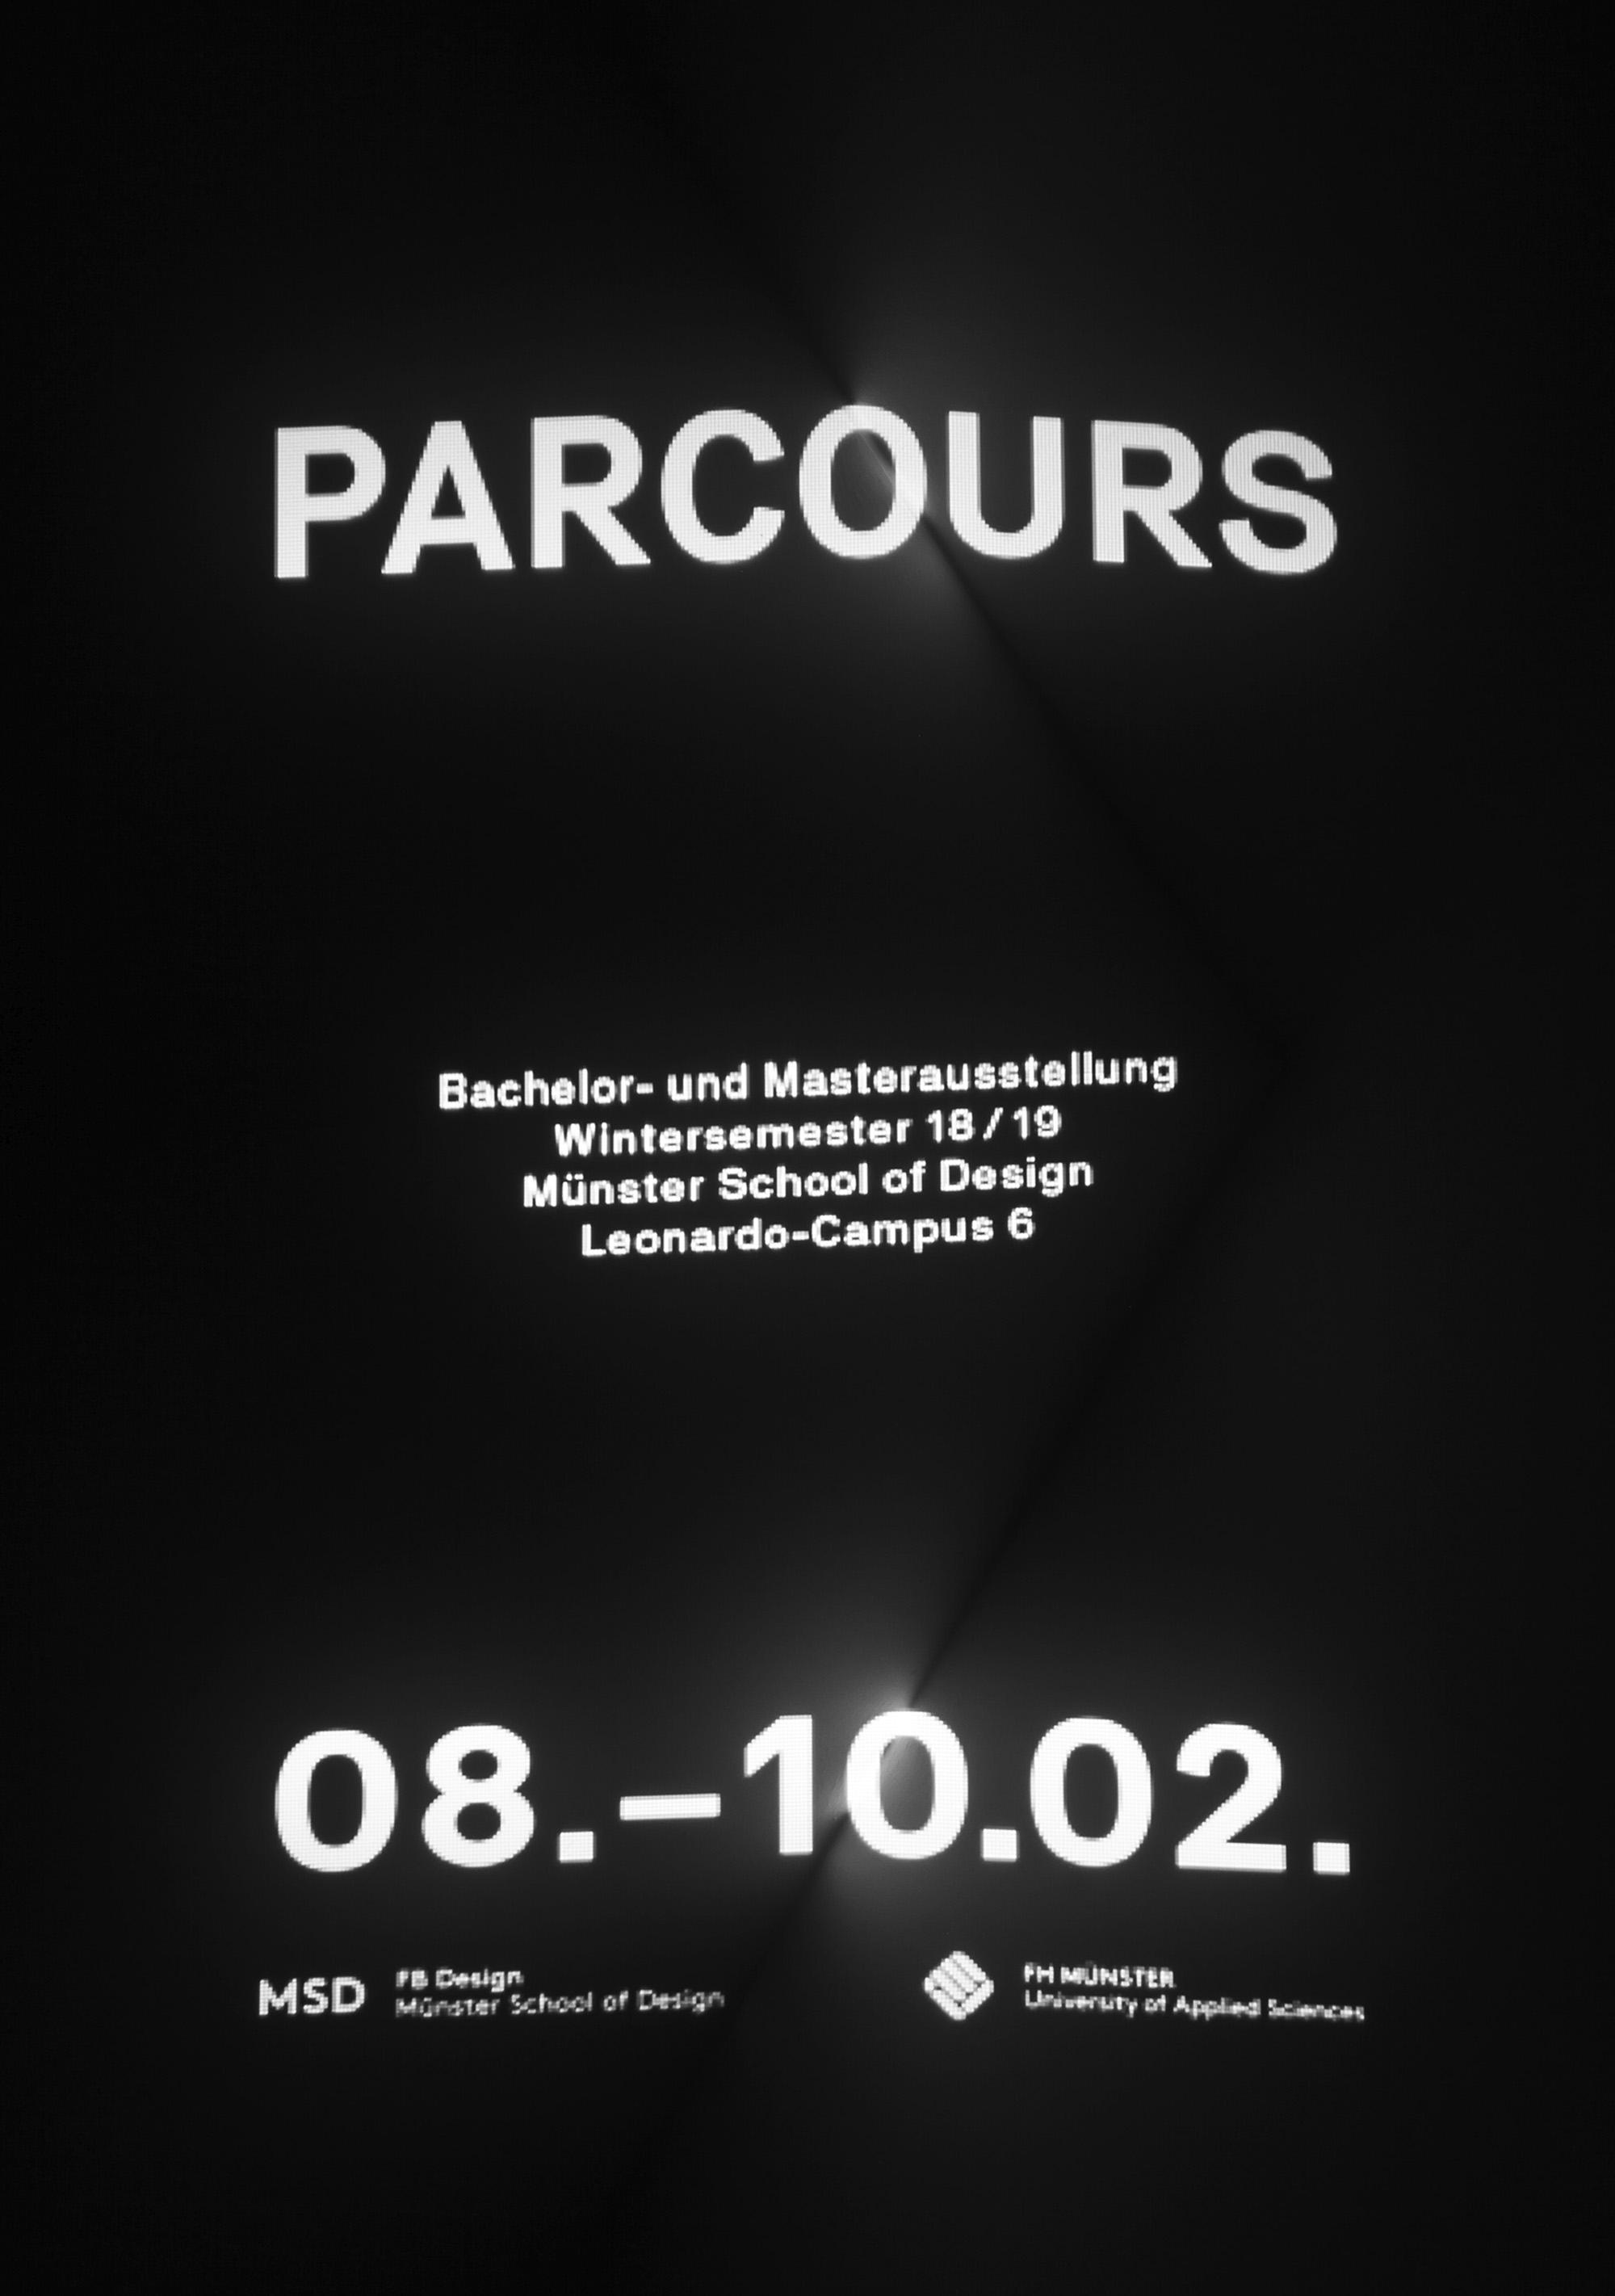 Parcours-MSD-Slanted